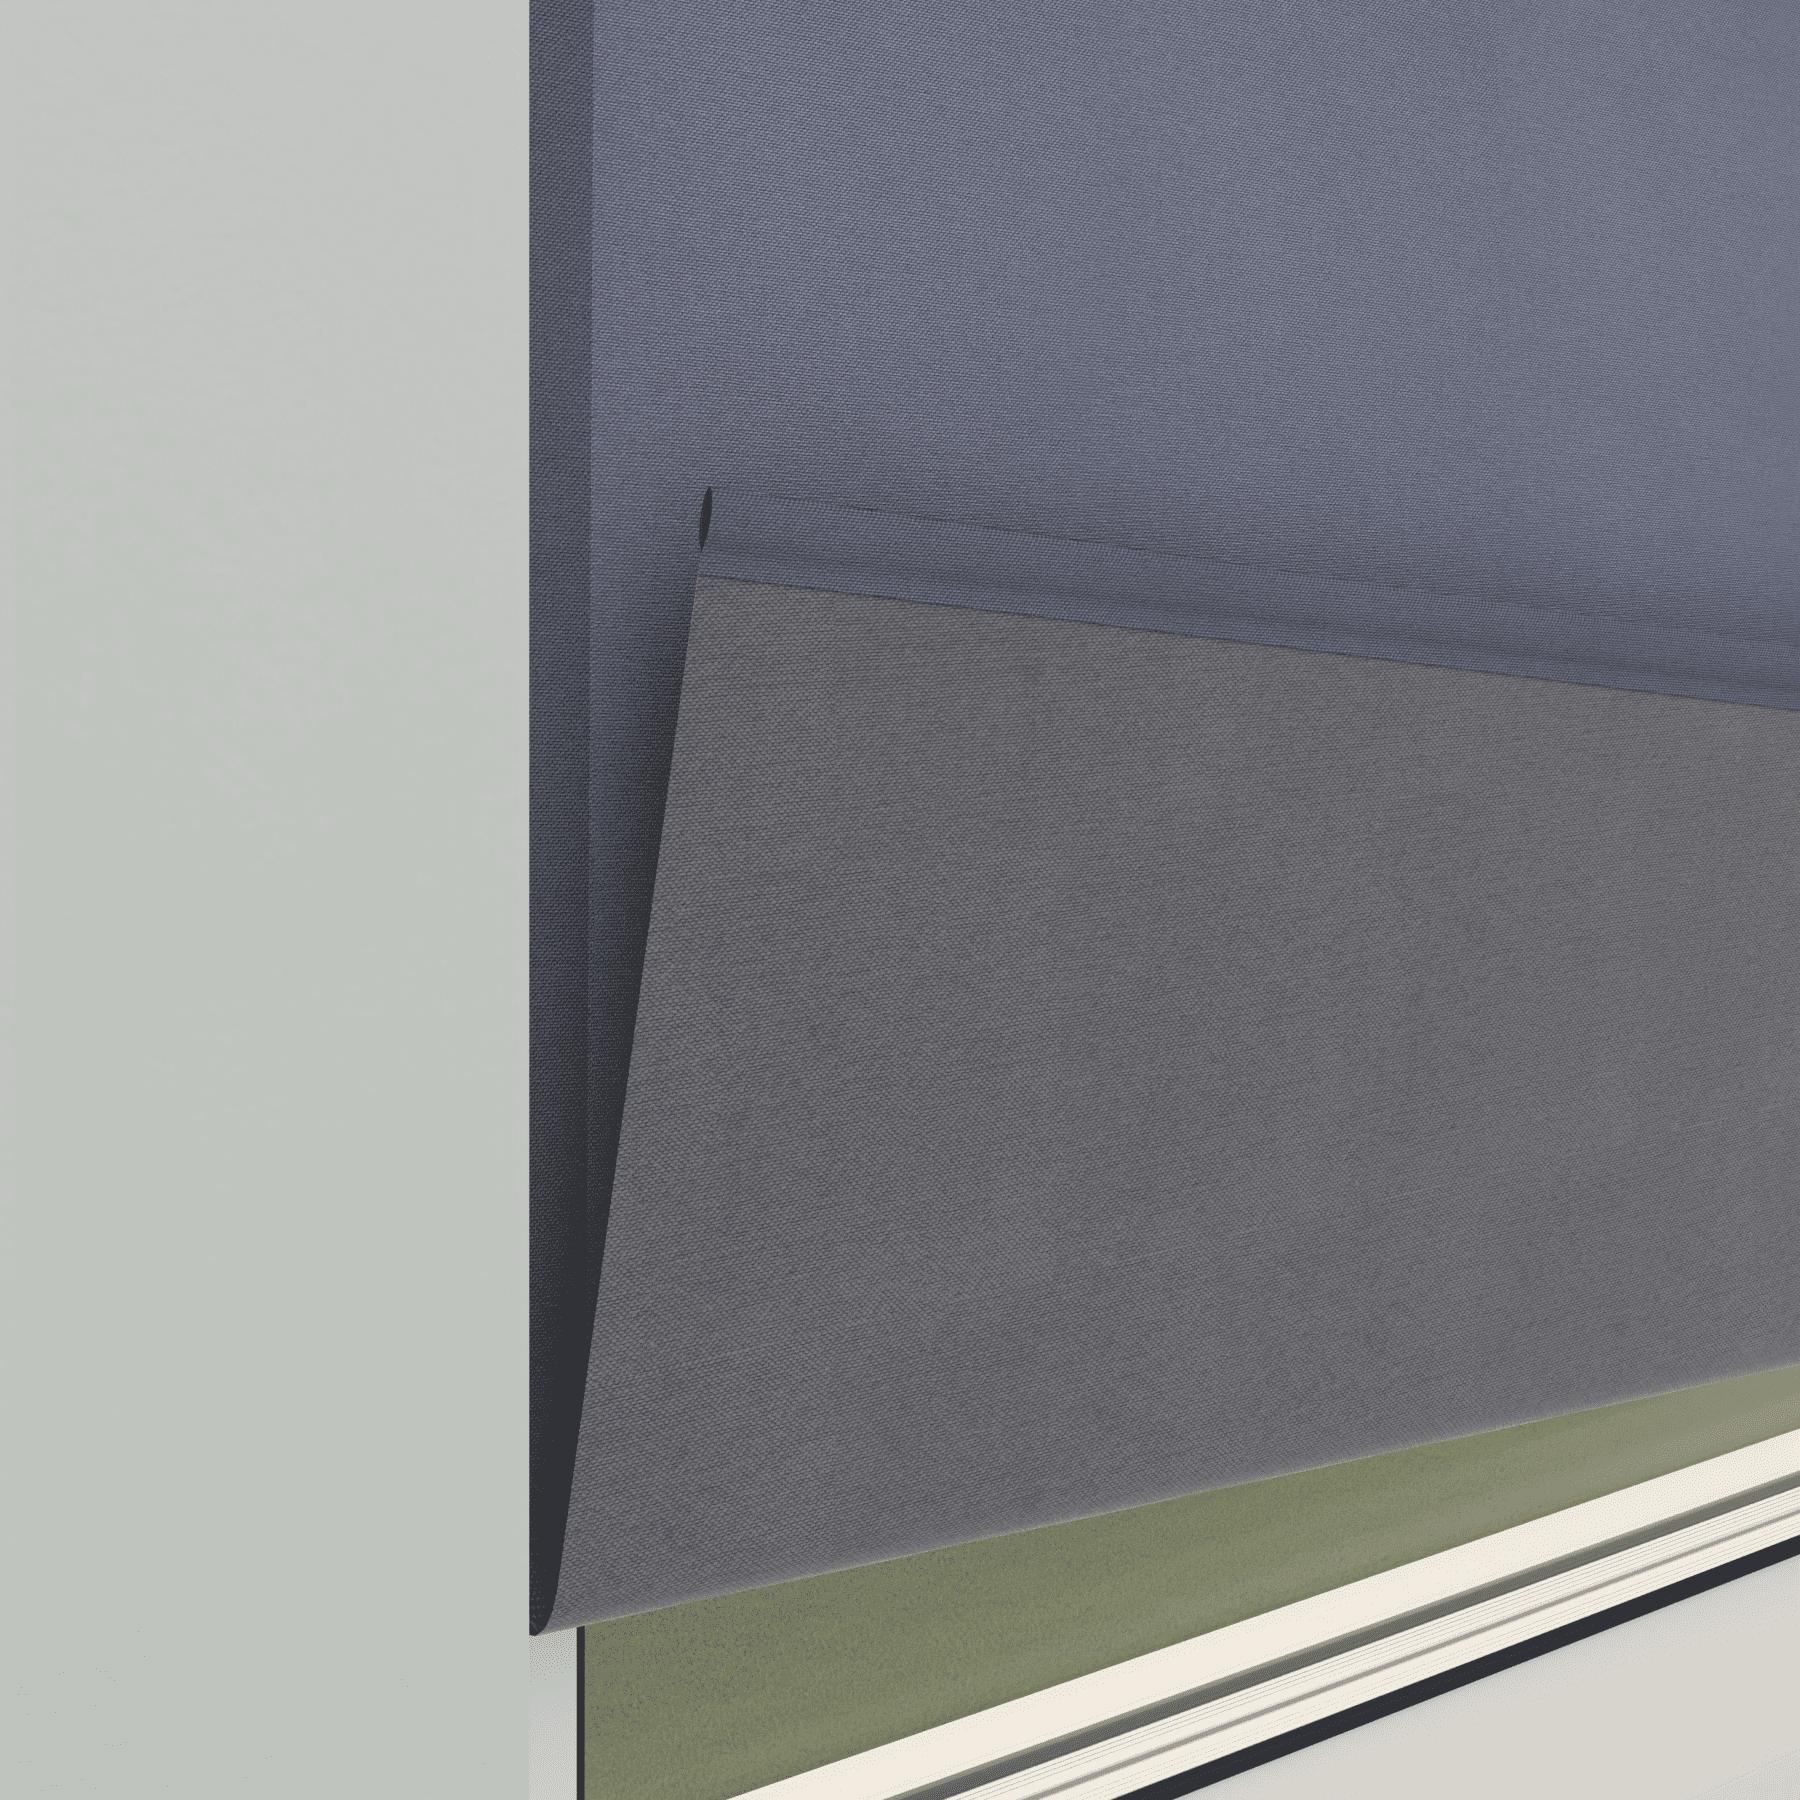 4Goodz Rolgordijn Lichtdoorlatend Easy 120x180 cm - Grijs